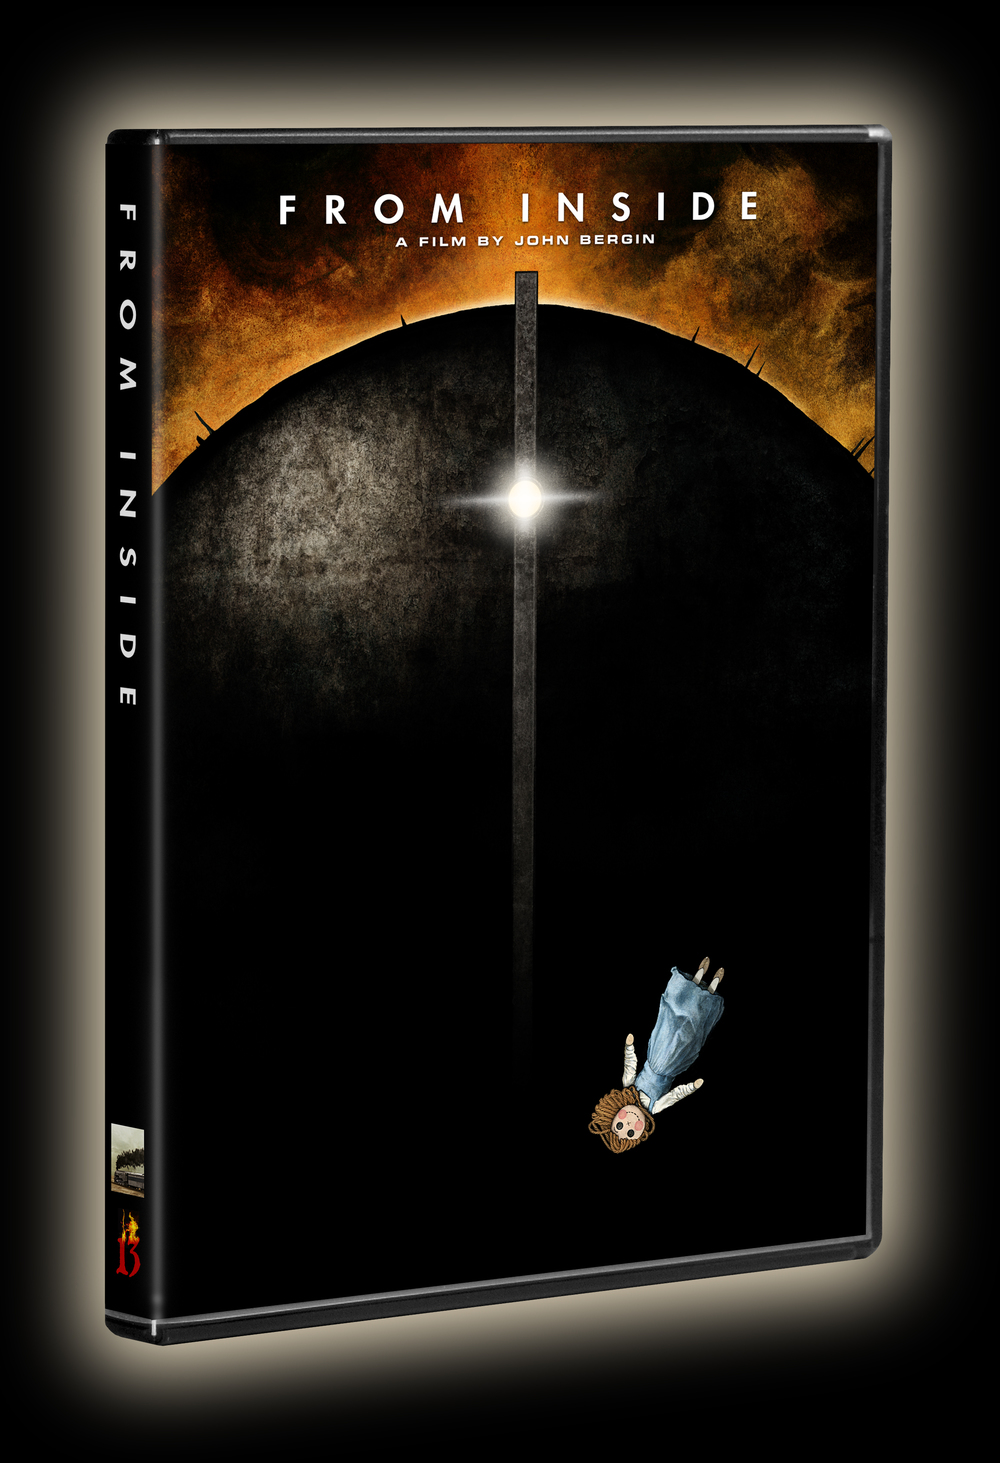 FROM INSIDE DVD COVER.jpg